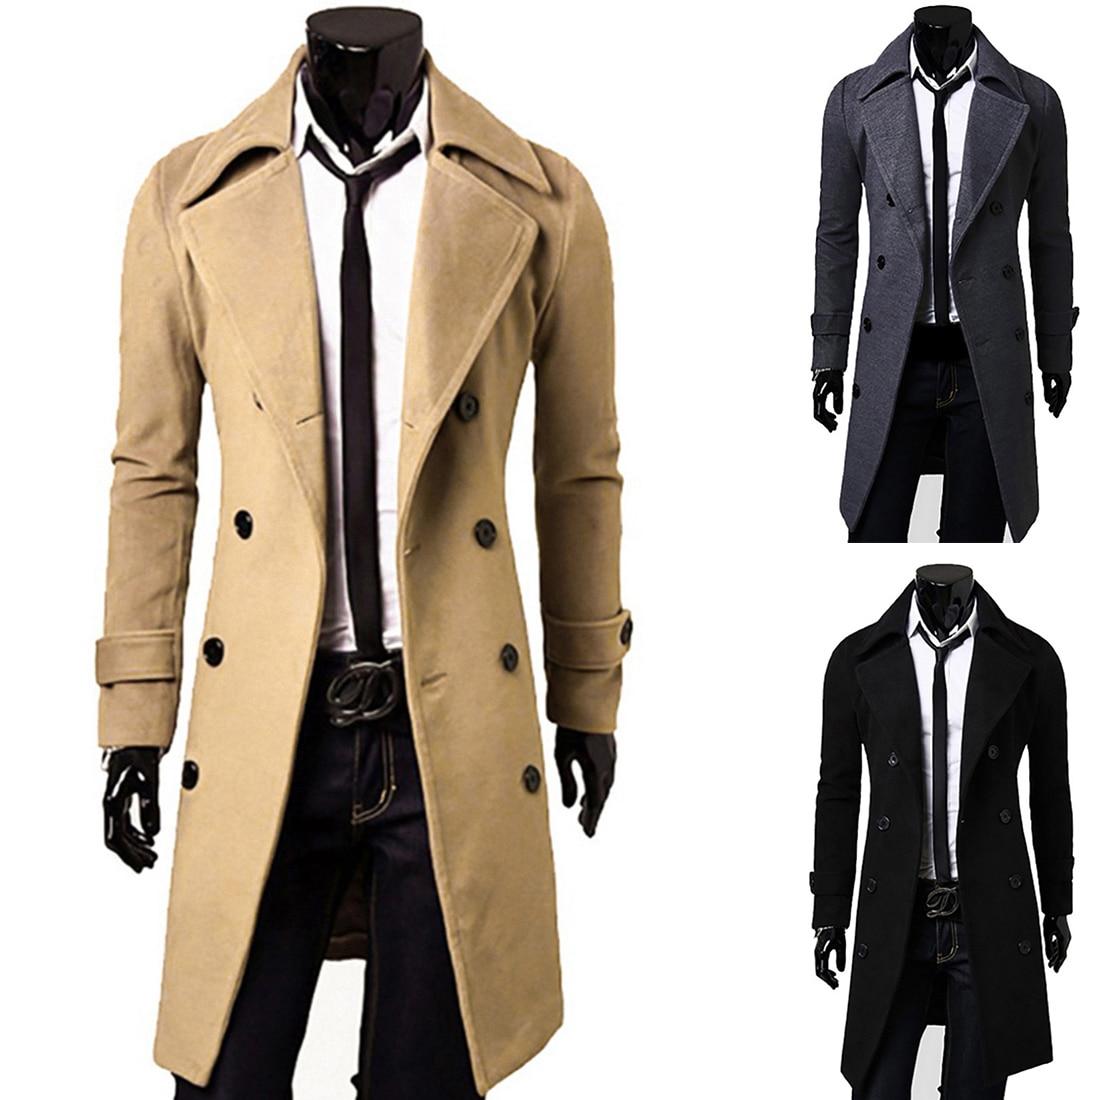 Winter Women Double breasted Long Slim Trench Parka Coat Outwear Jacket Overcoat